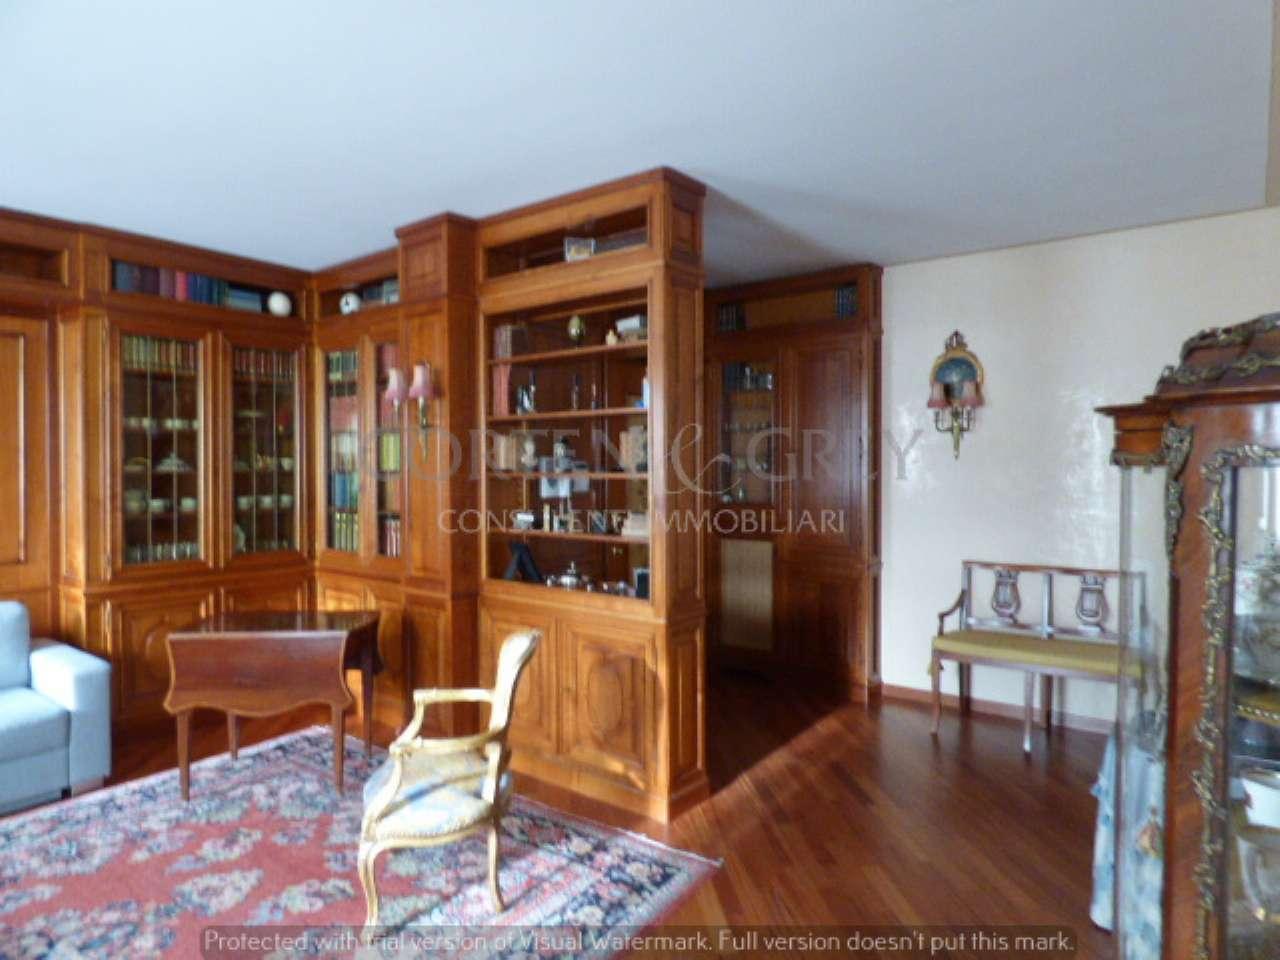 Appartamento in vendita a Gassino Torinese, 4 locali, prezzo € 238.000 | PortaleAgenzieImmobiliari.it